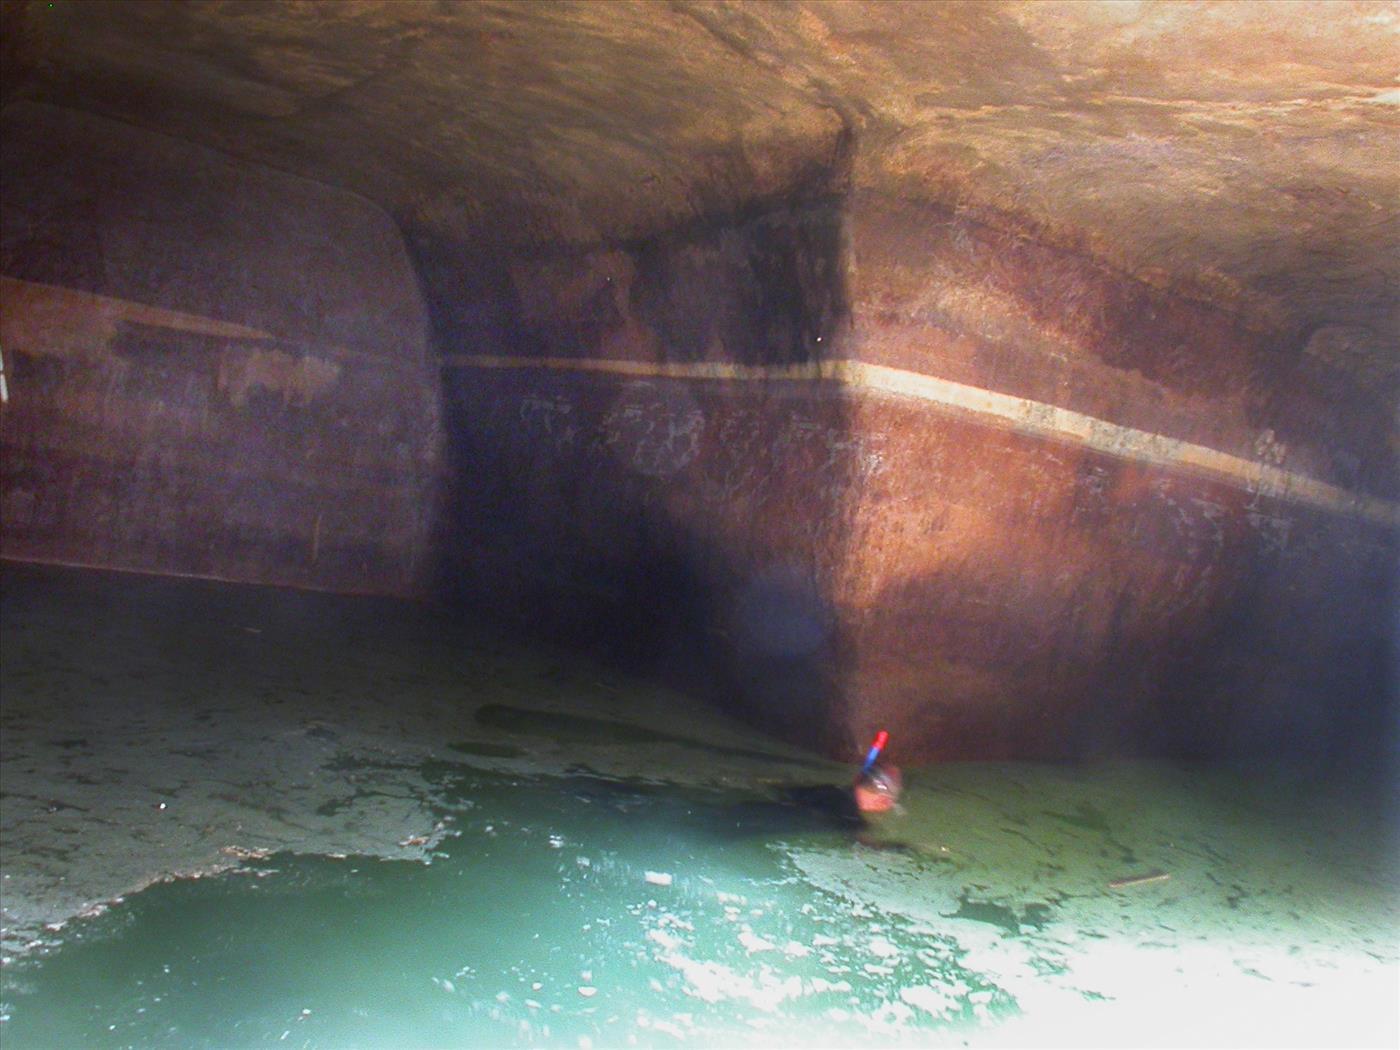 צוללן במאגר המים שנחשף (רשות העתיקות)